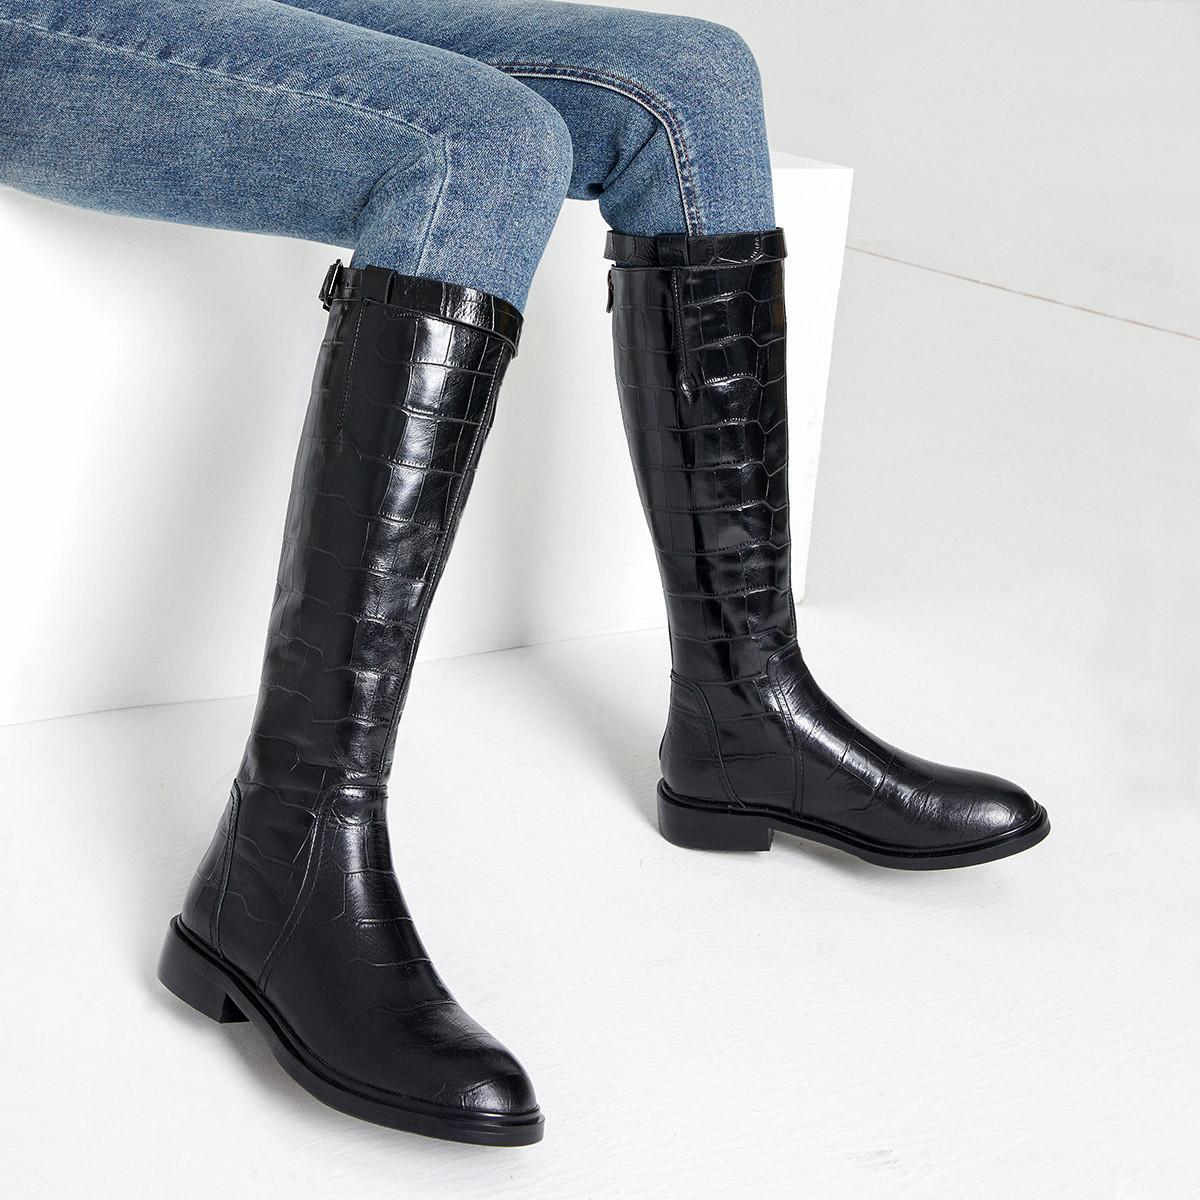 杰雷哈洛高筒靴新款石头纹牛皮拉链机车靴骑士靴